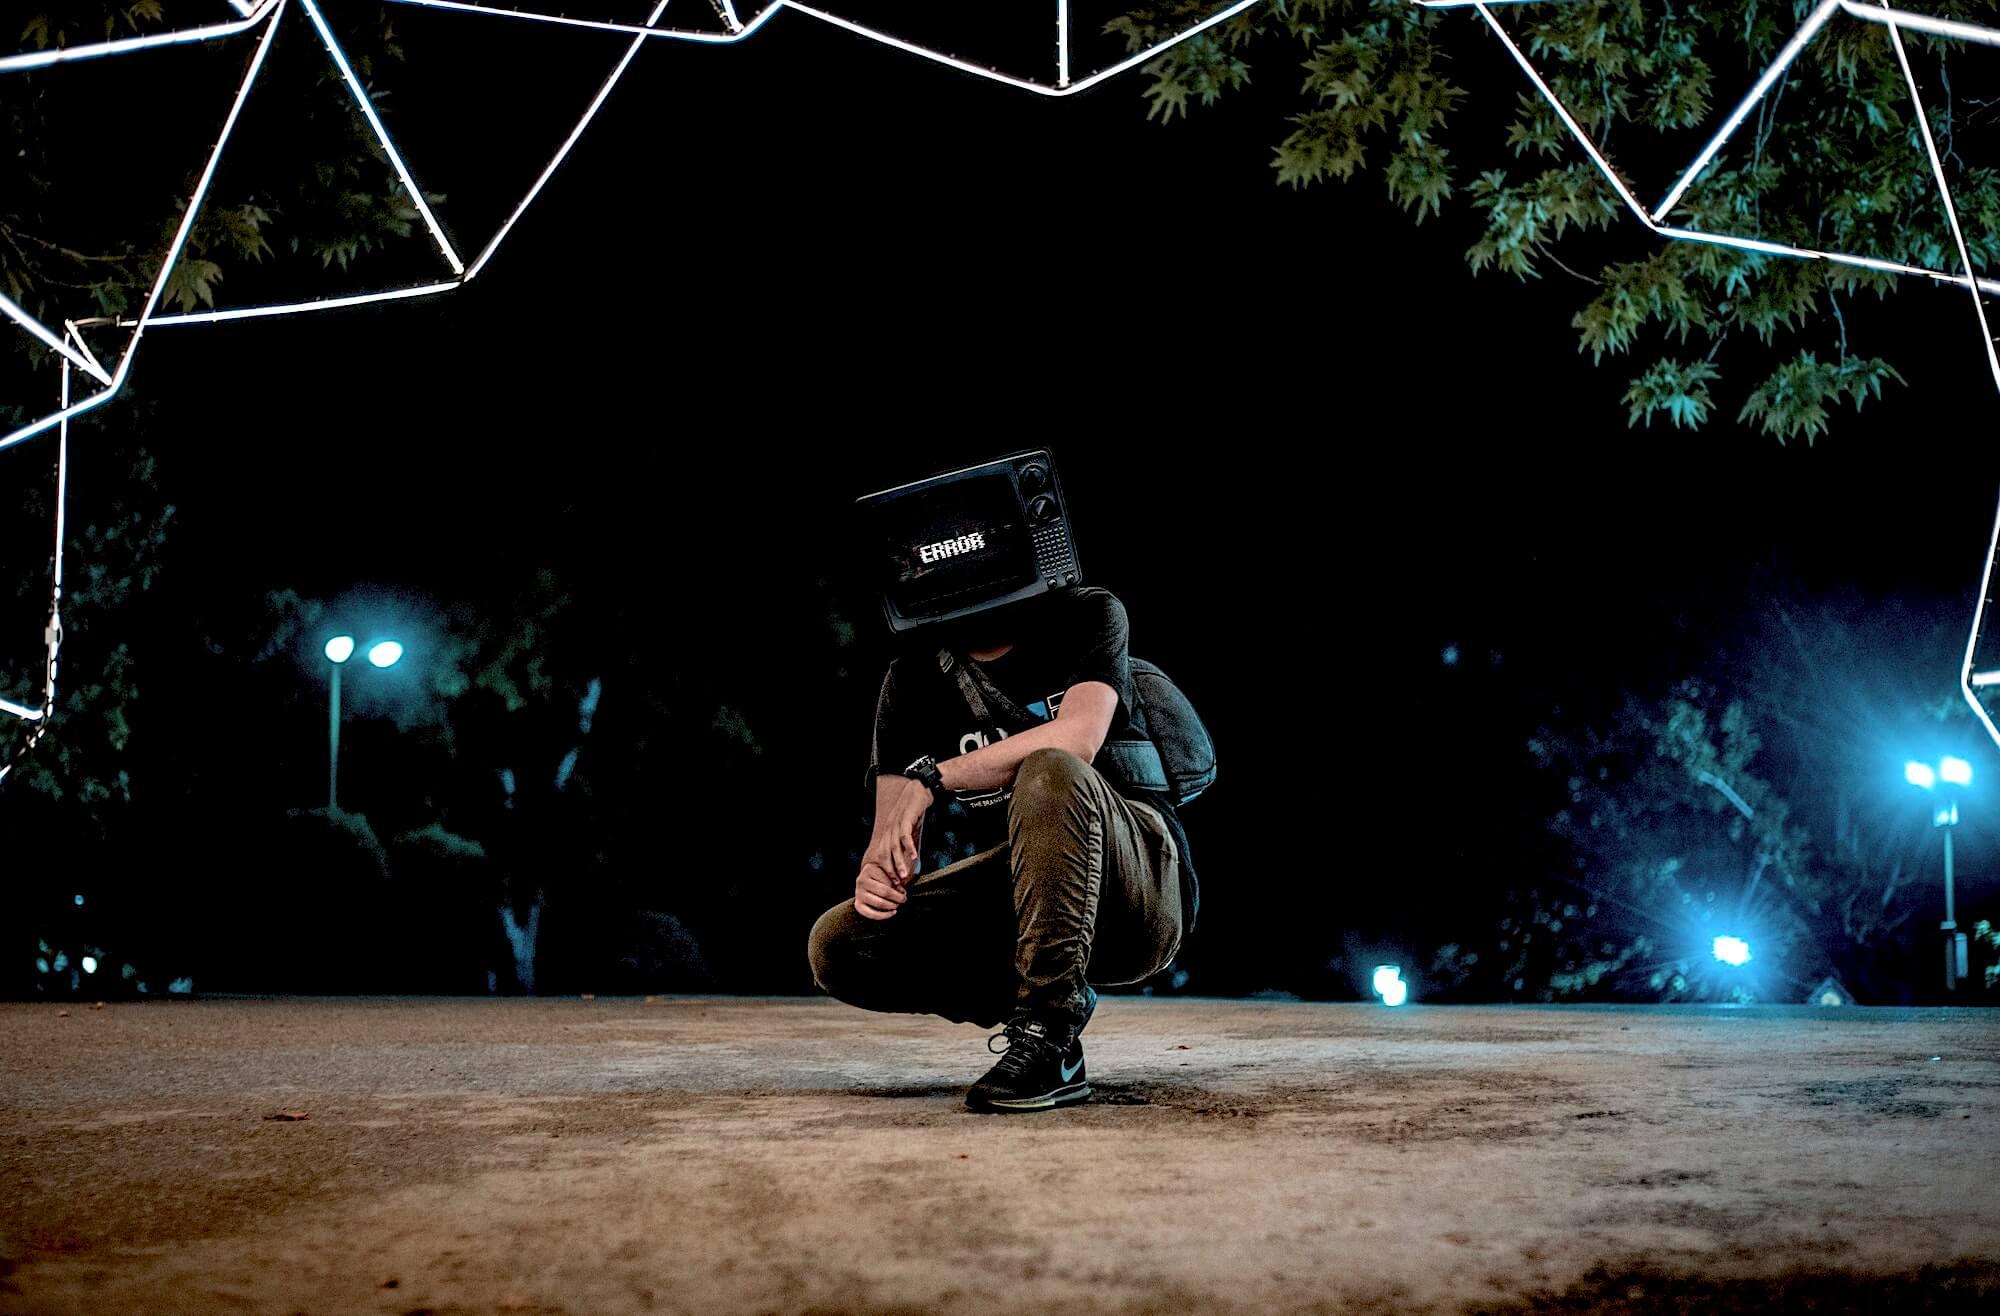 Фотография: Ali Saadat. Источник: Unsplash.com